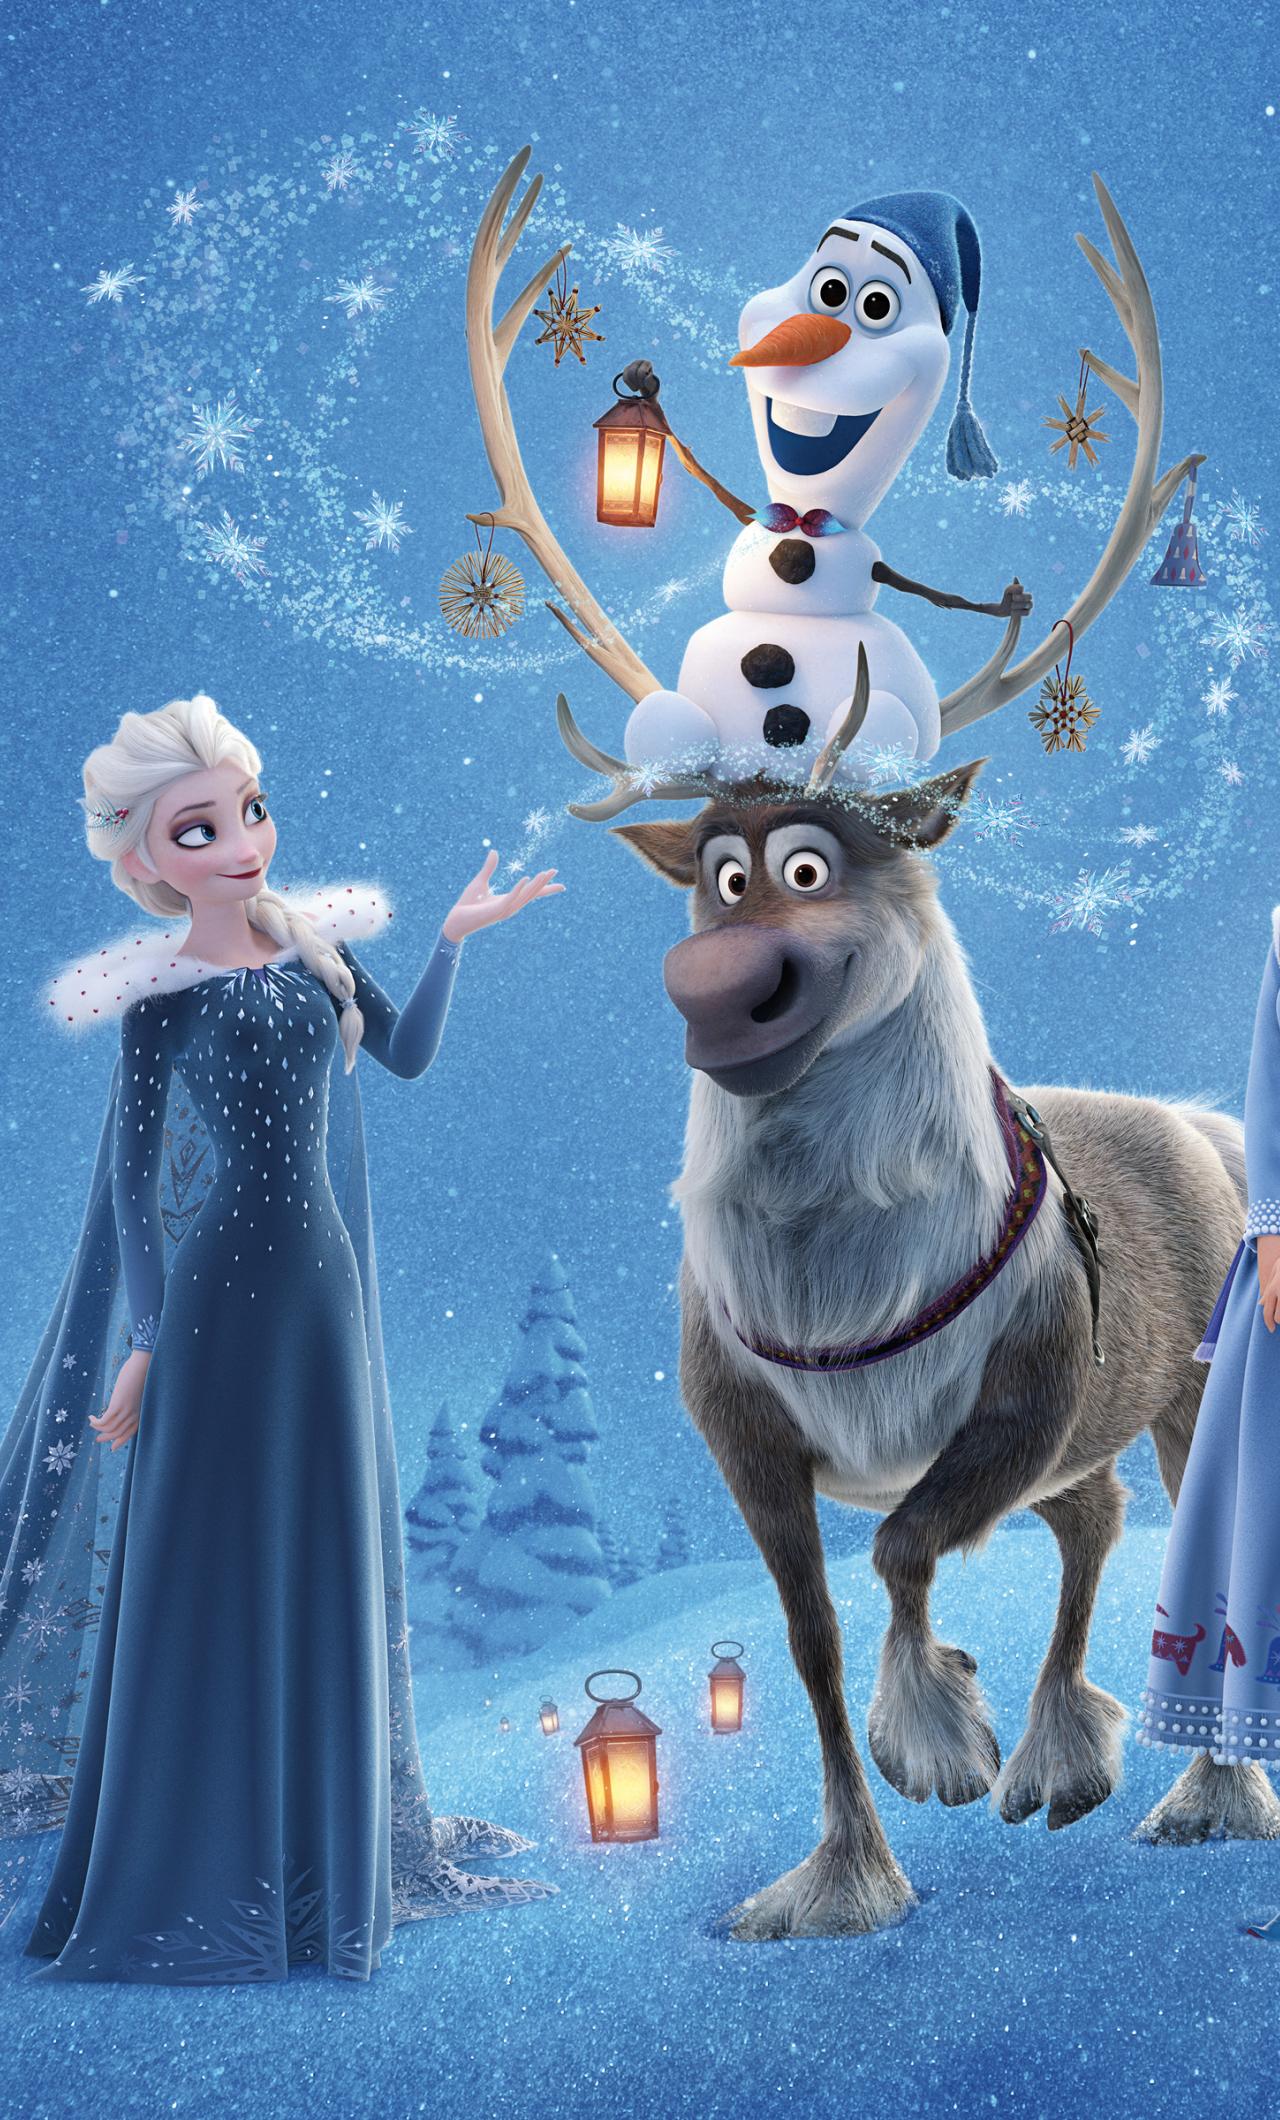 Olafs frozen adventure hd 4k wallpaper - Olaf s frozen adventure download ...